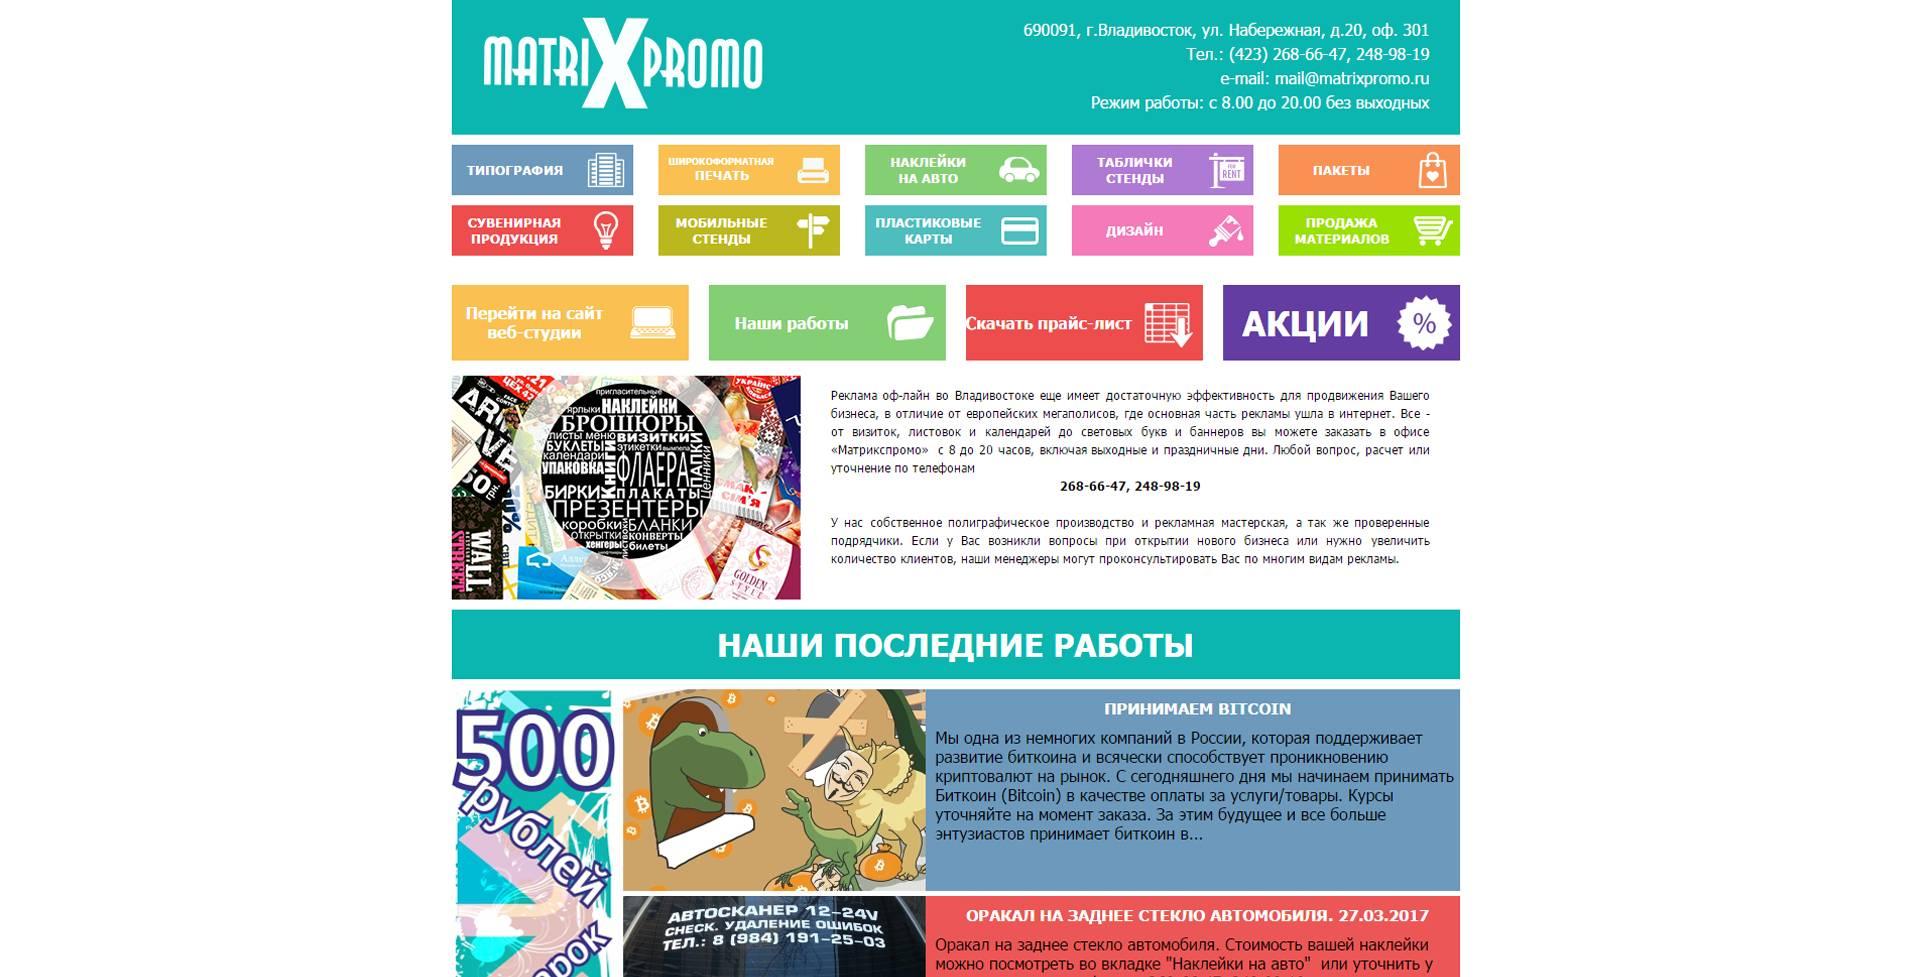 matriXpromo